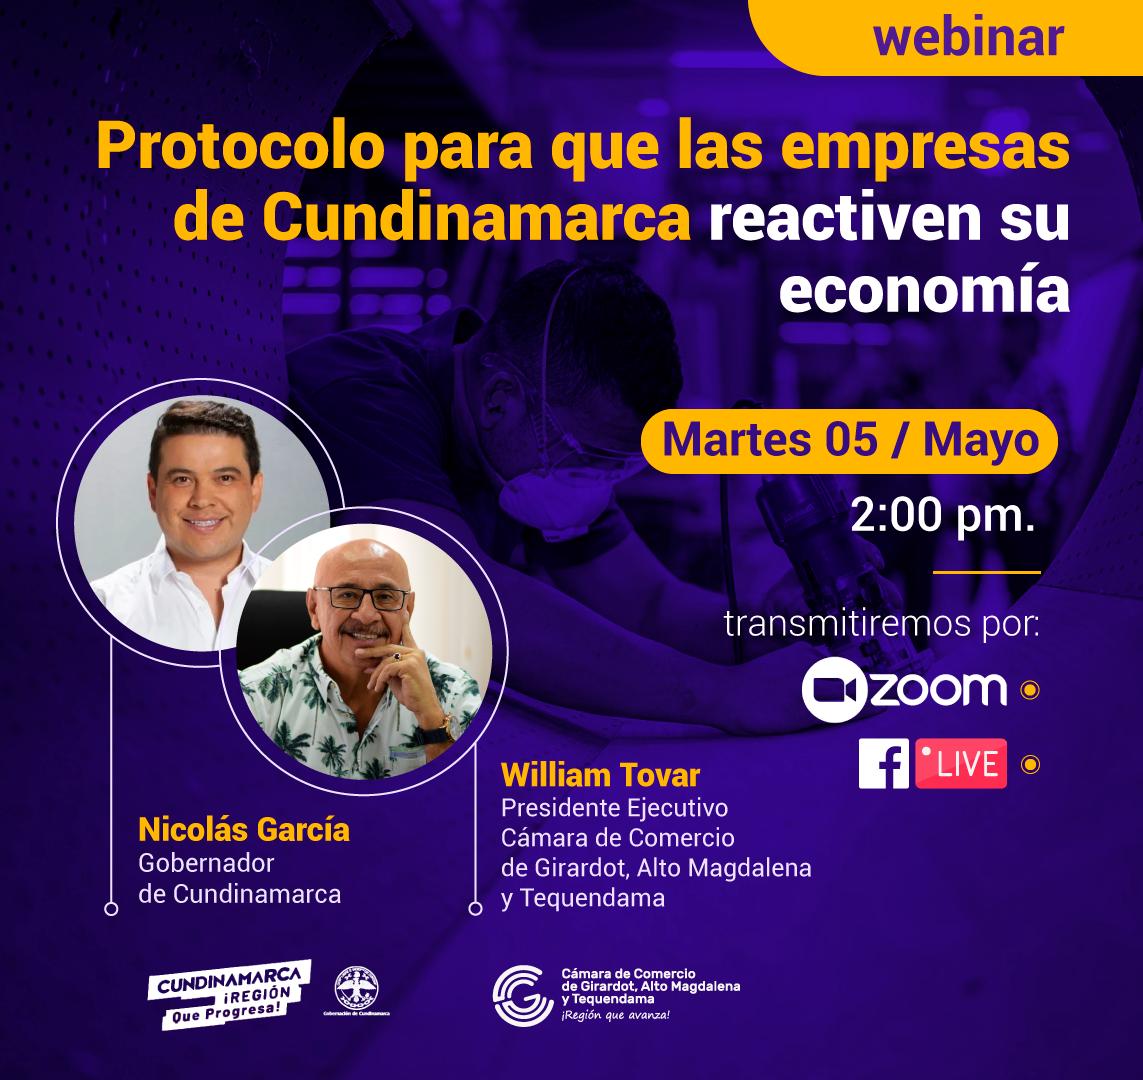 webinar Protocolo para que las empresas de Cundinamarca reactiven su economía